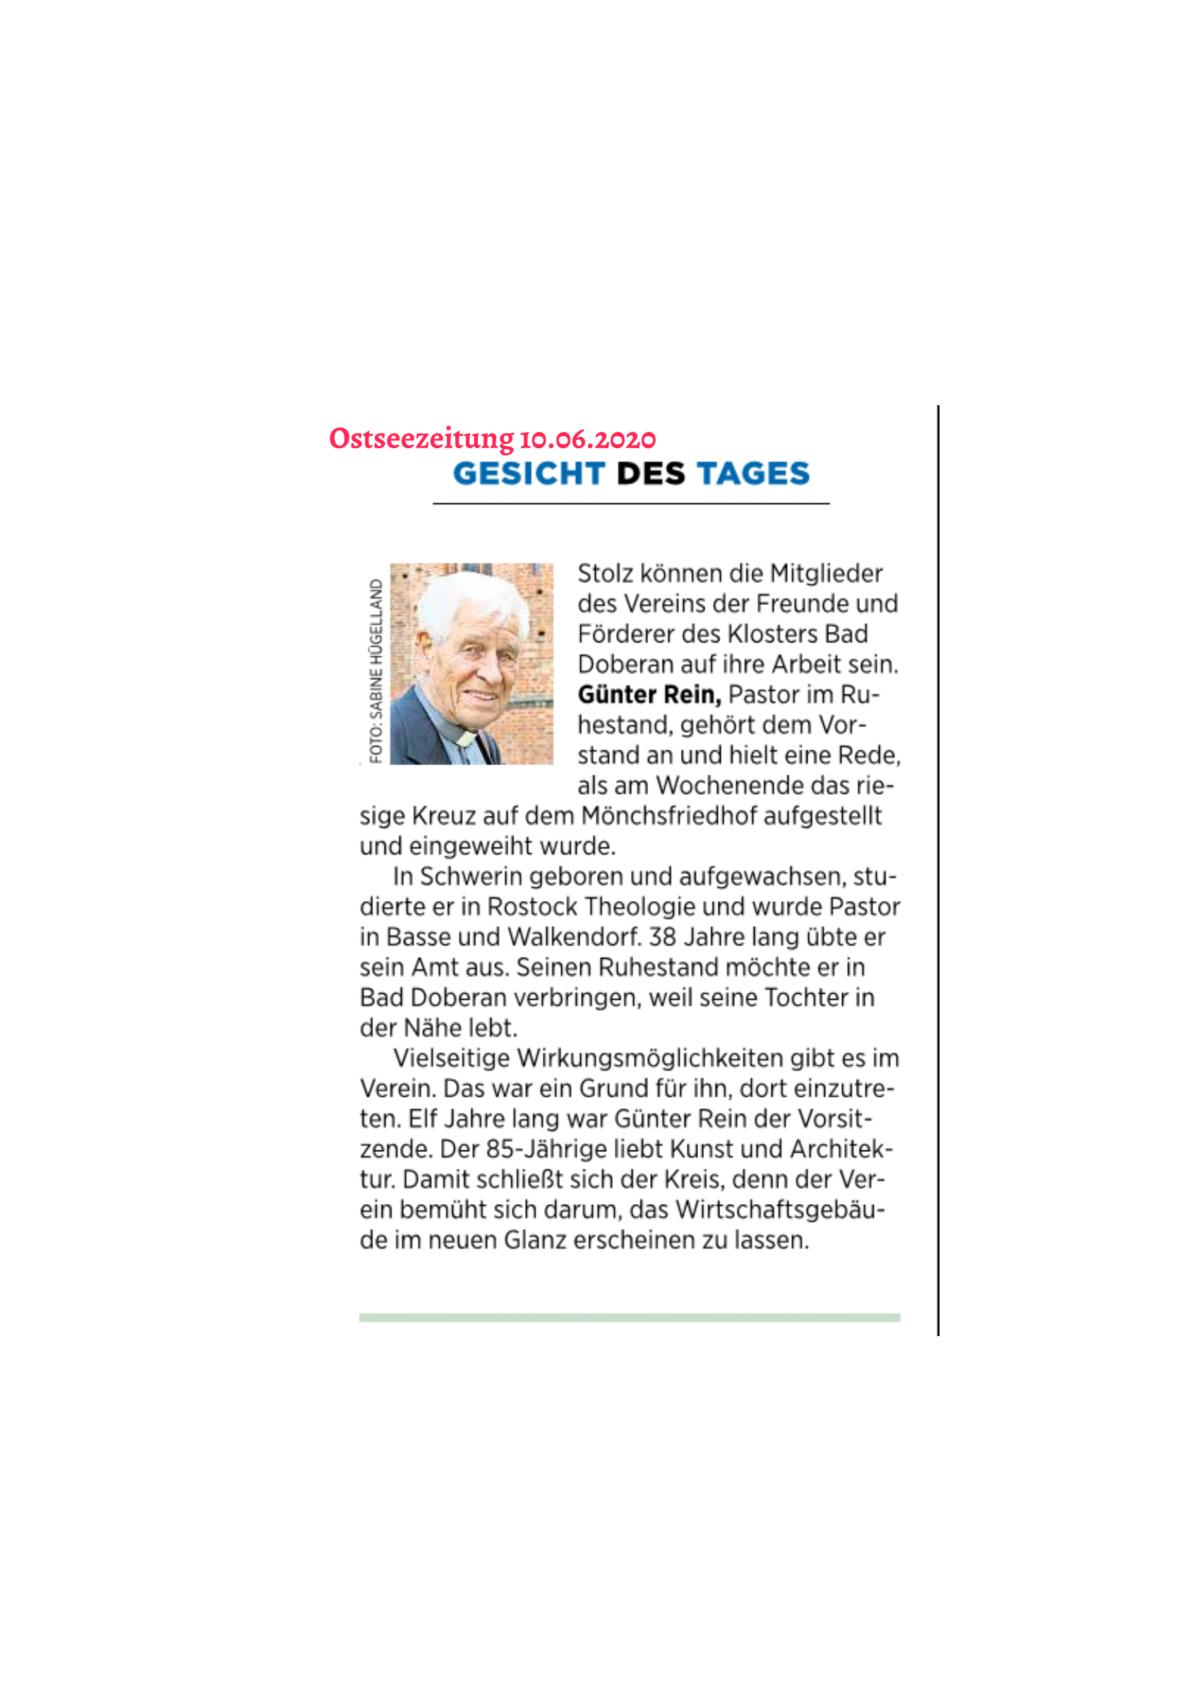 Gesicht des Tages Günter Rein